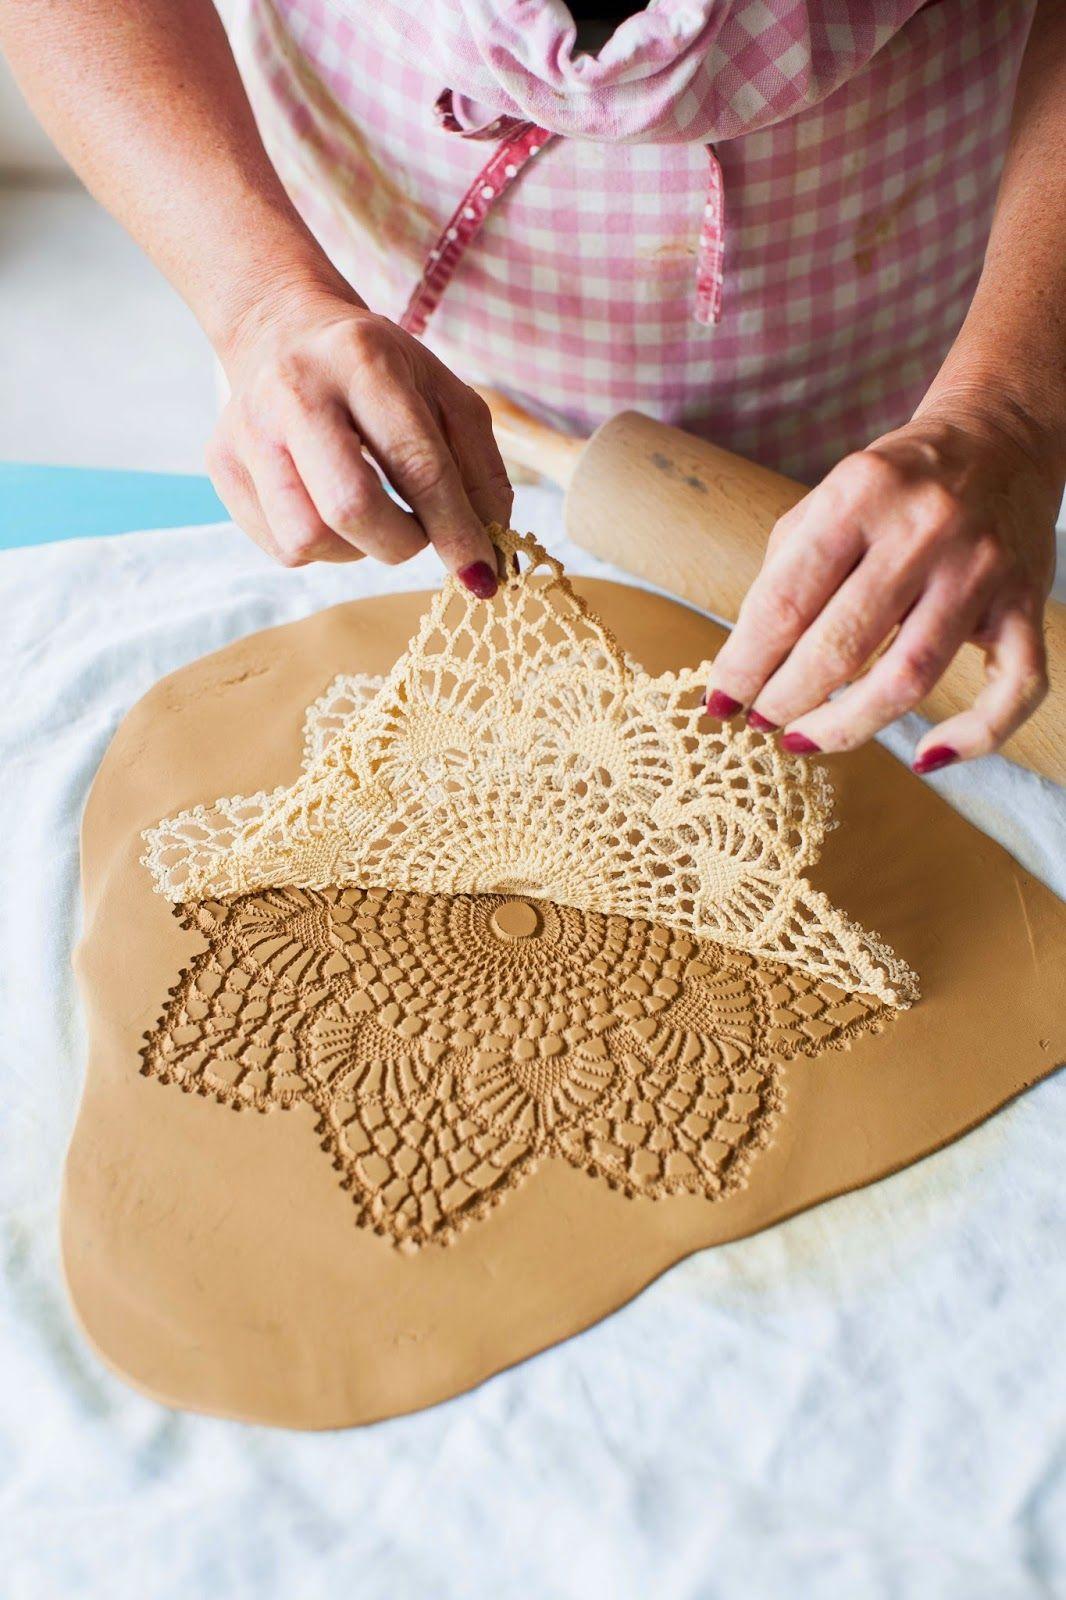 Fabulous inspiration: My pottery